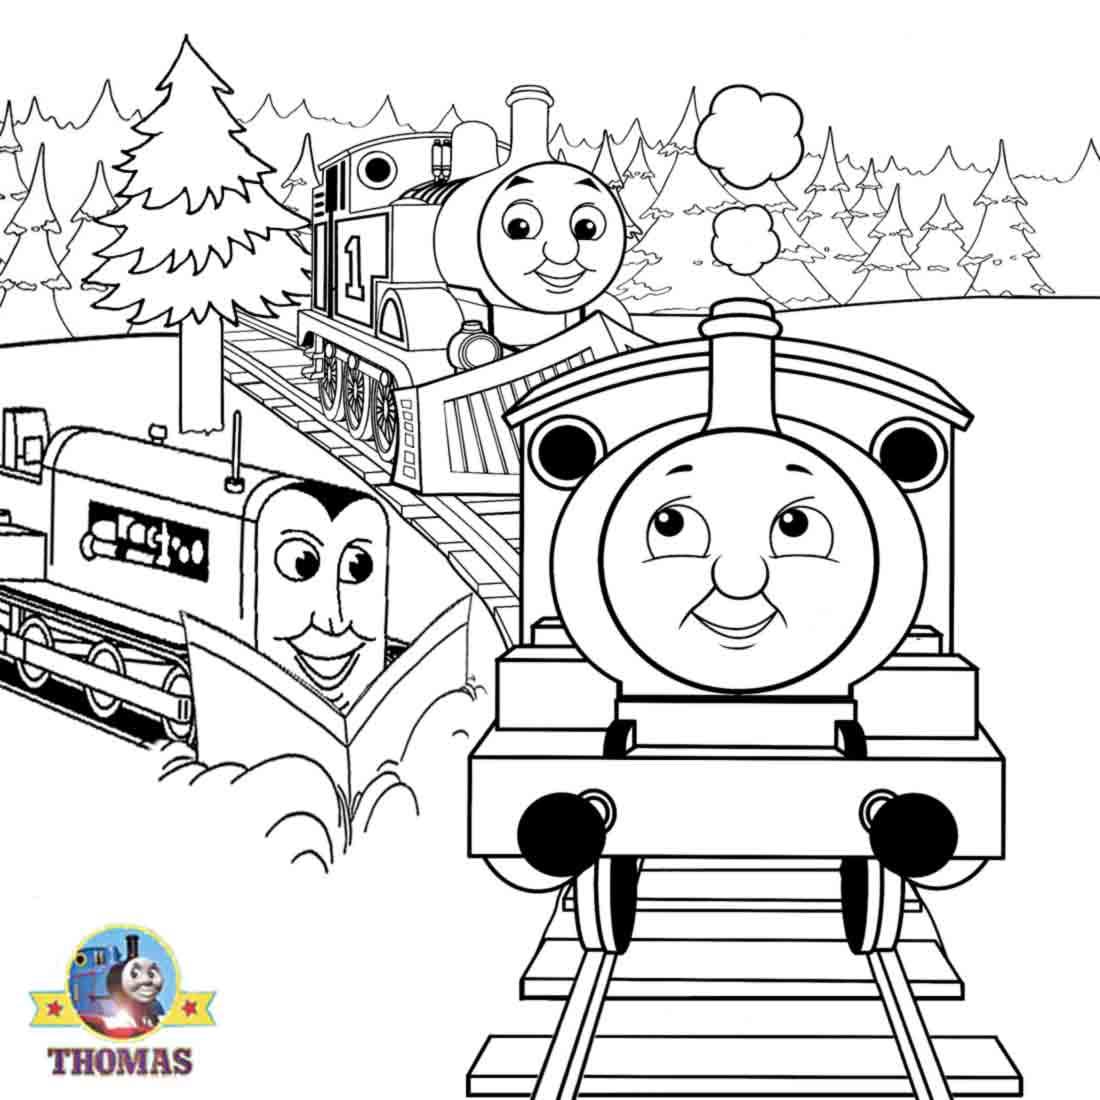 Thomas The Tank Engine Sir Topham Hatt, Thomas, Free